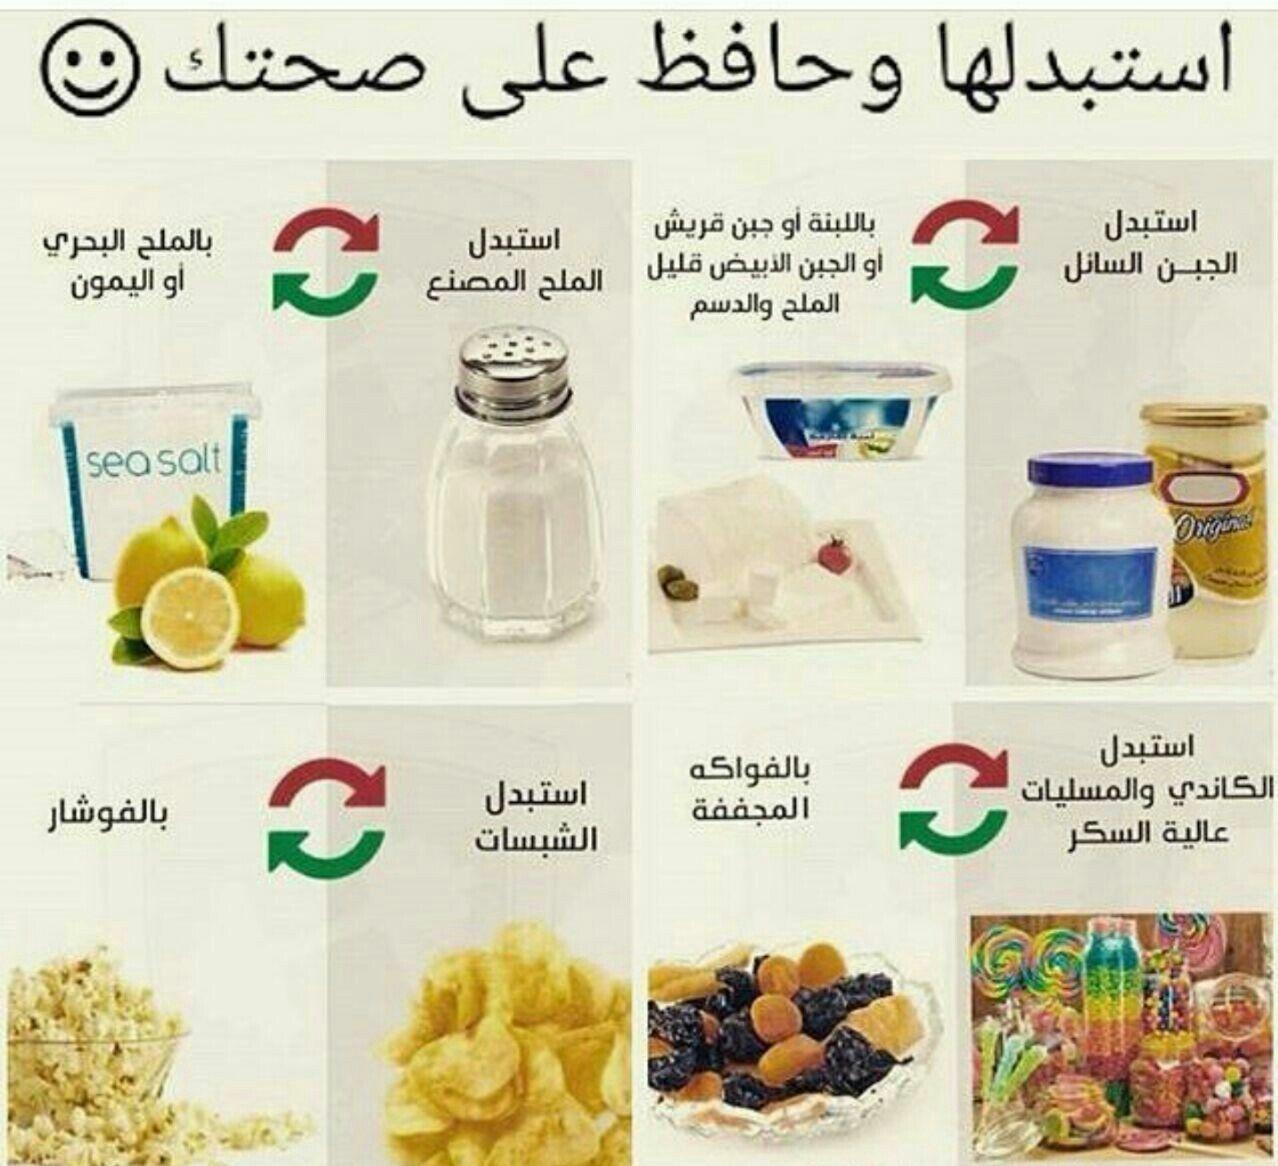 استبدلها : #وصفه #وصفات #أكلات #مطبخ #يم_يمي #أكلاتي #مقبلات #طبق #حلى https://t.co/7gnK3KzY0d